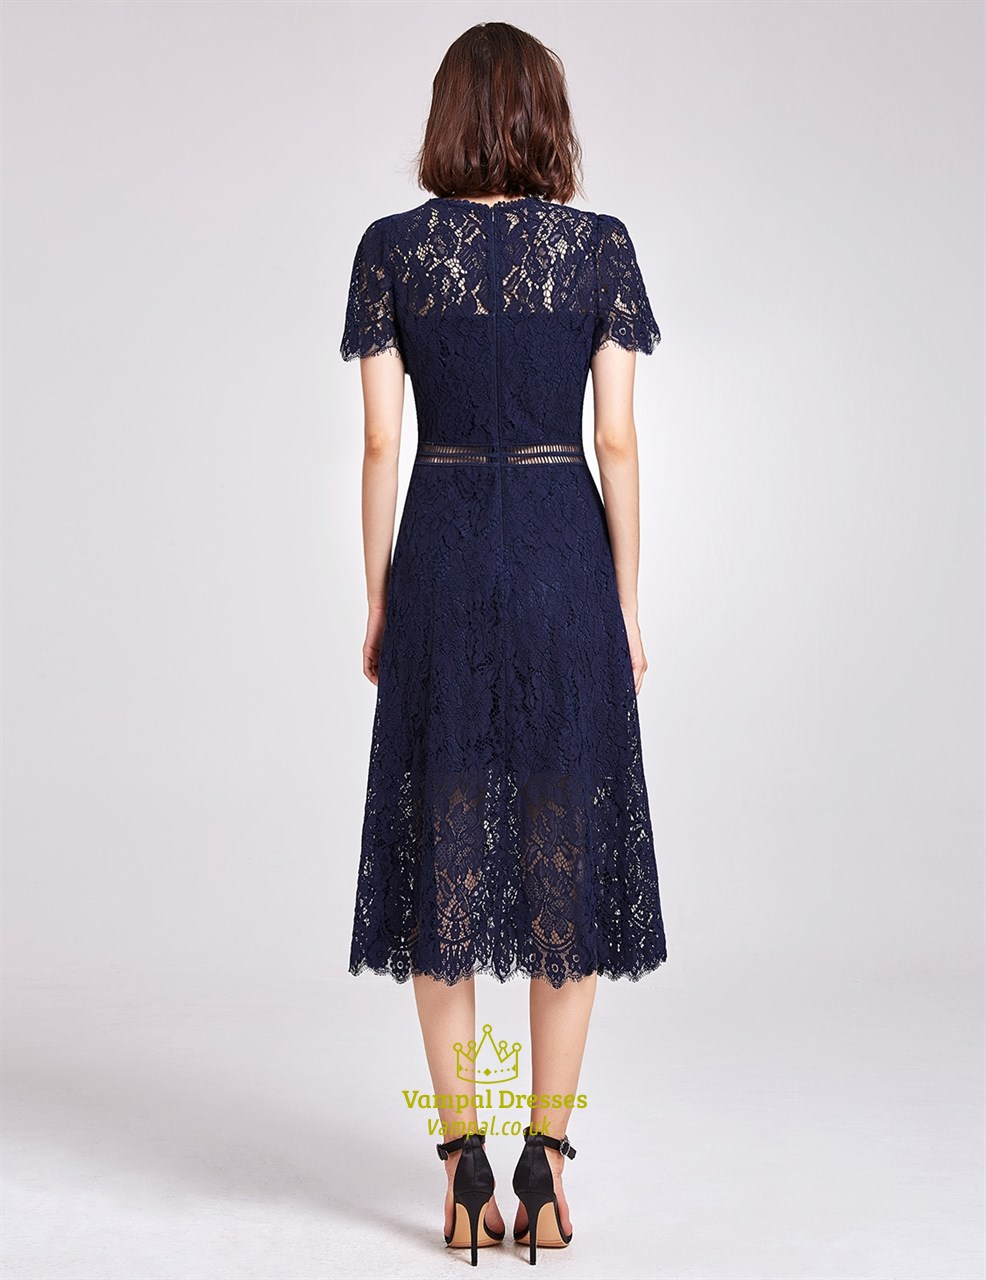 142f2ddf6ef Elegant Navy Blue Short Sleeve A-Line Tea Length Lace Cocktail Dress ...